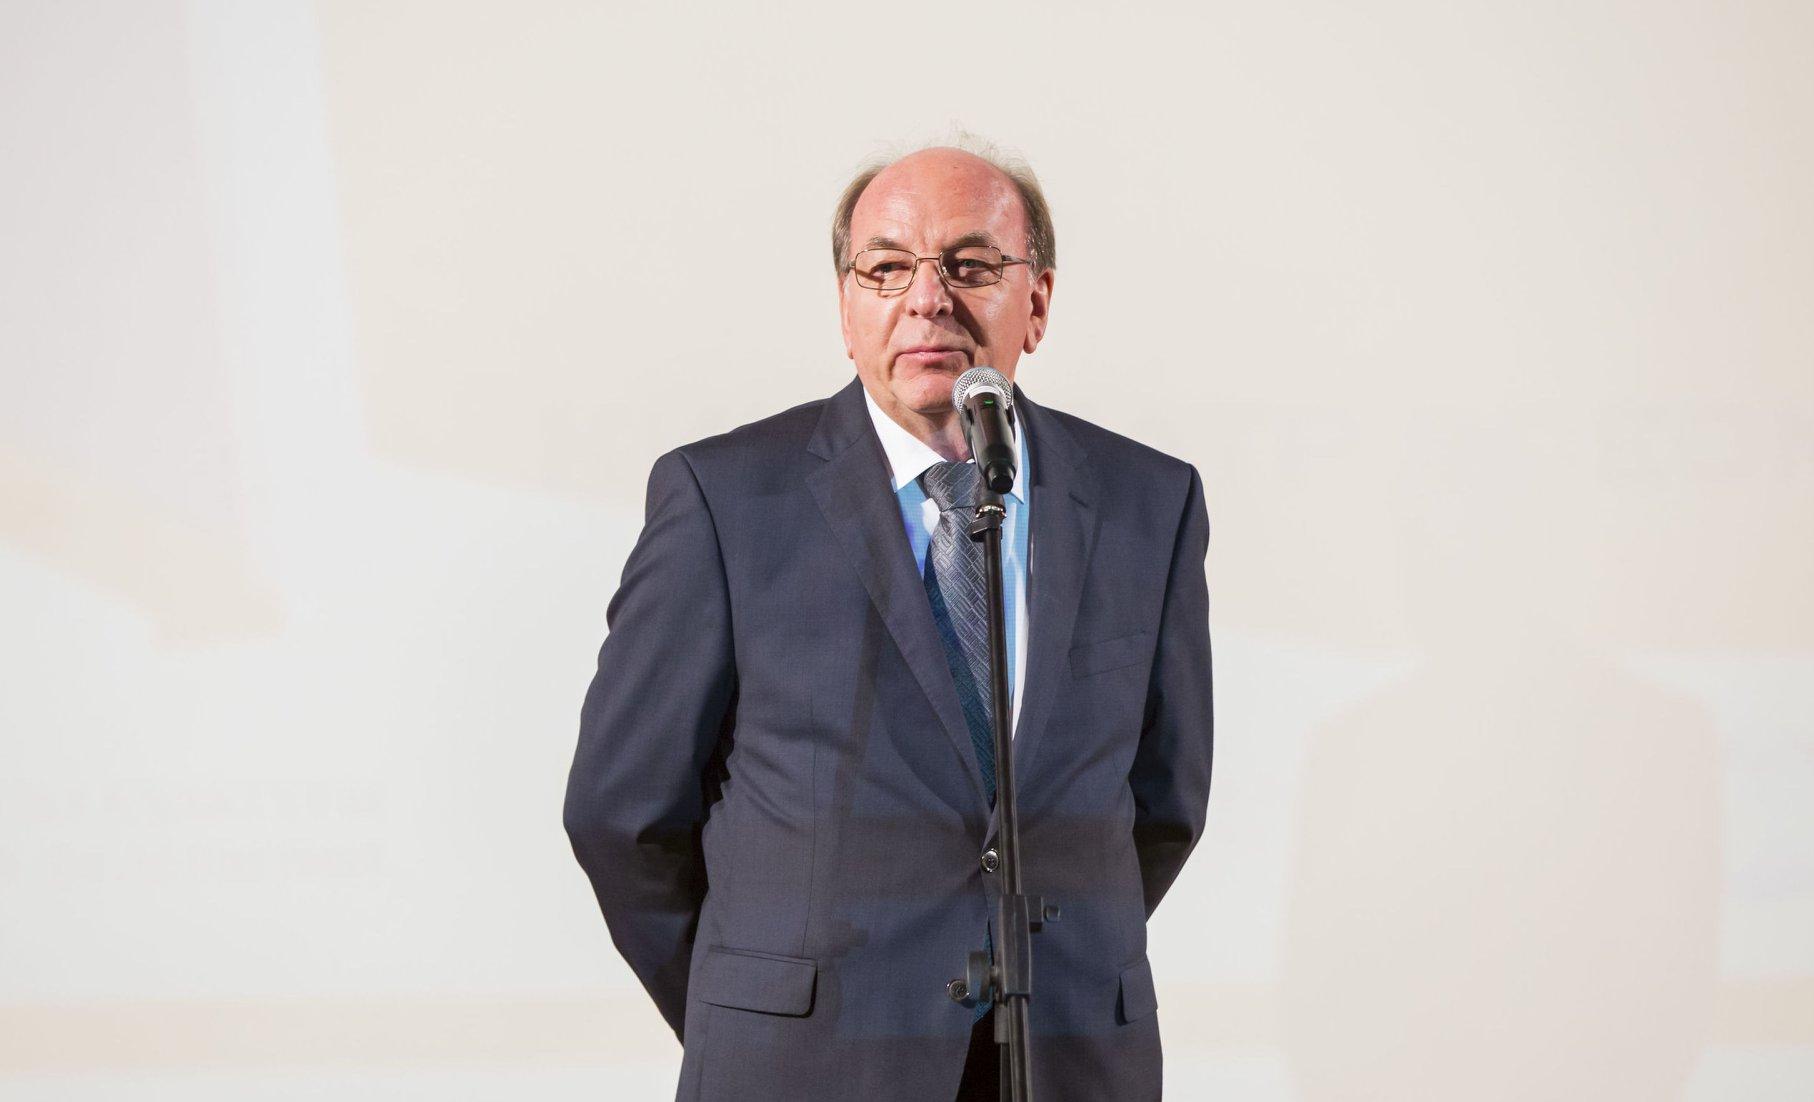 Посол России в Молдове: Москва не навязывает Кишиневу внешний вектор развития